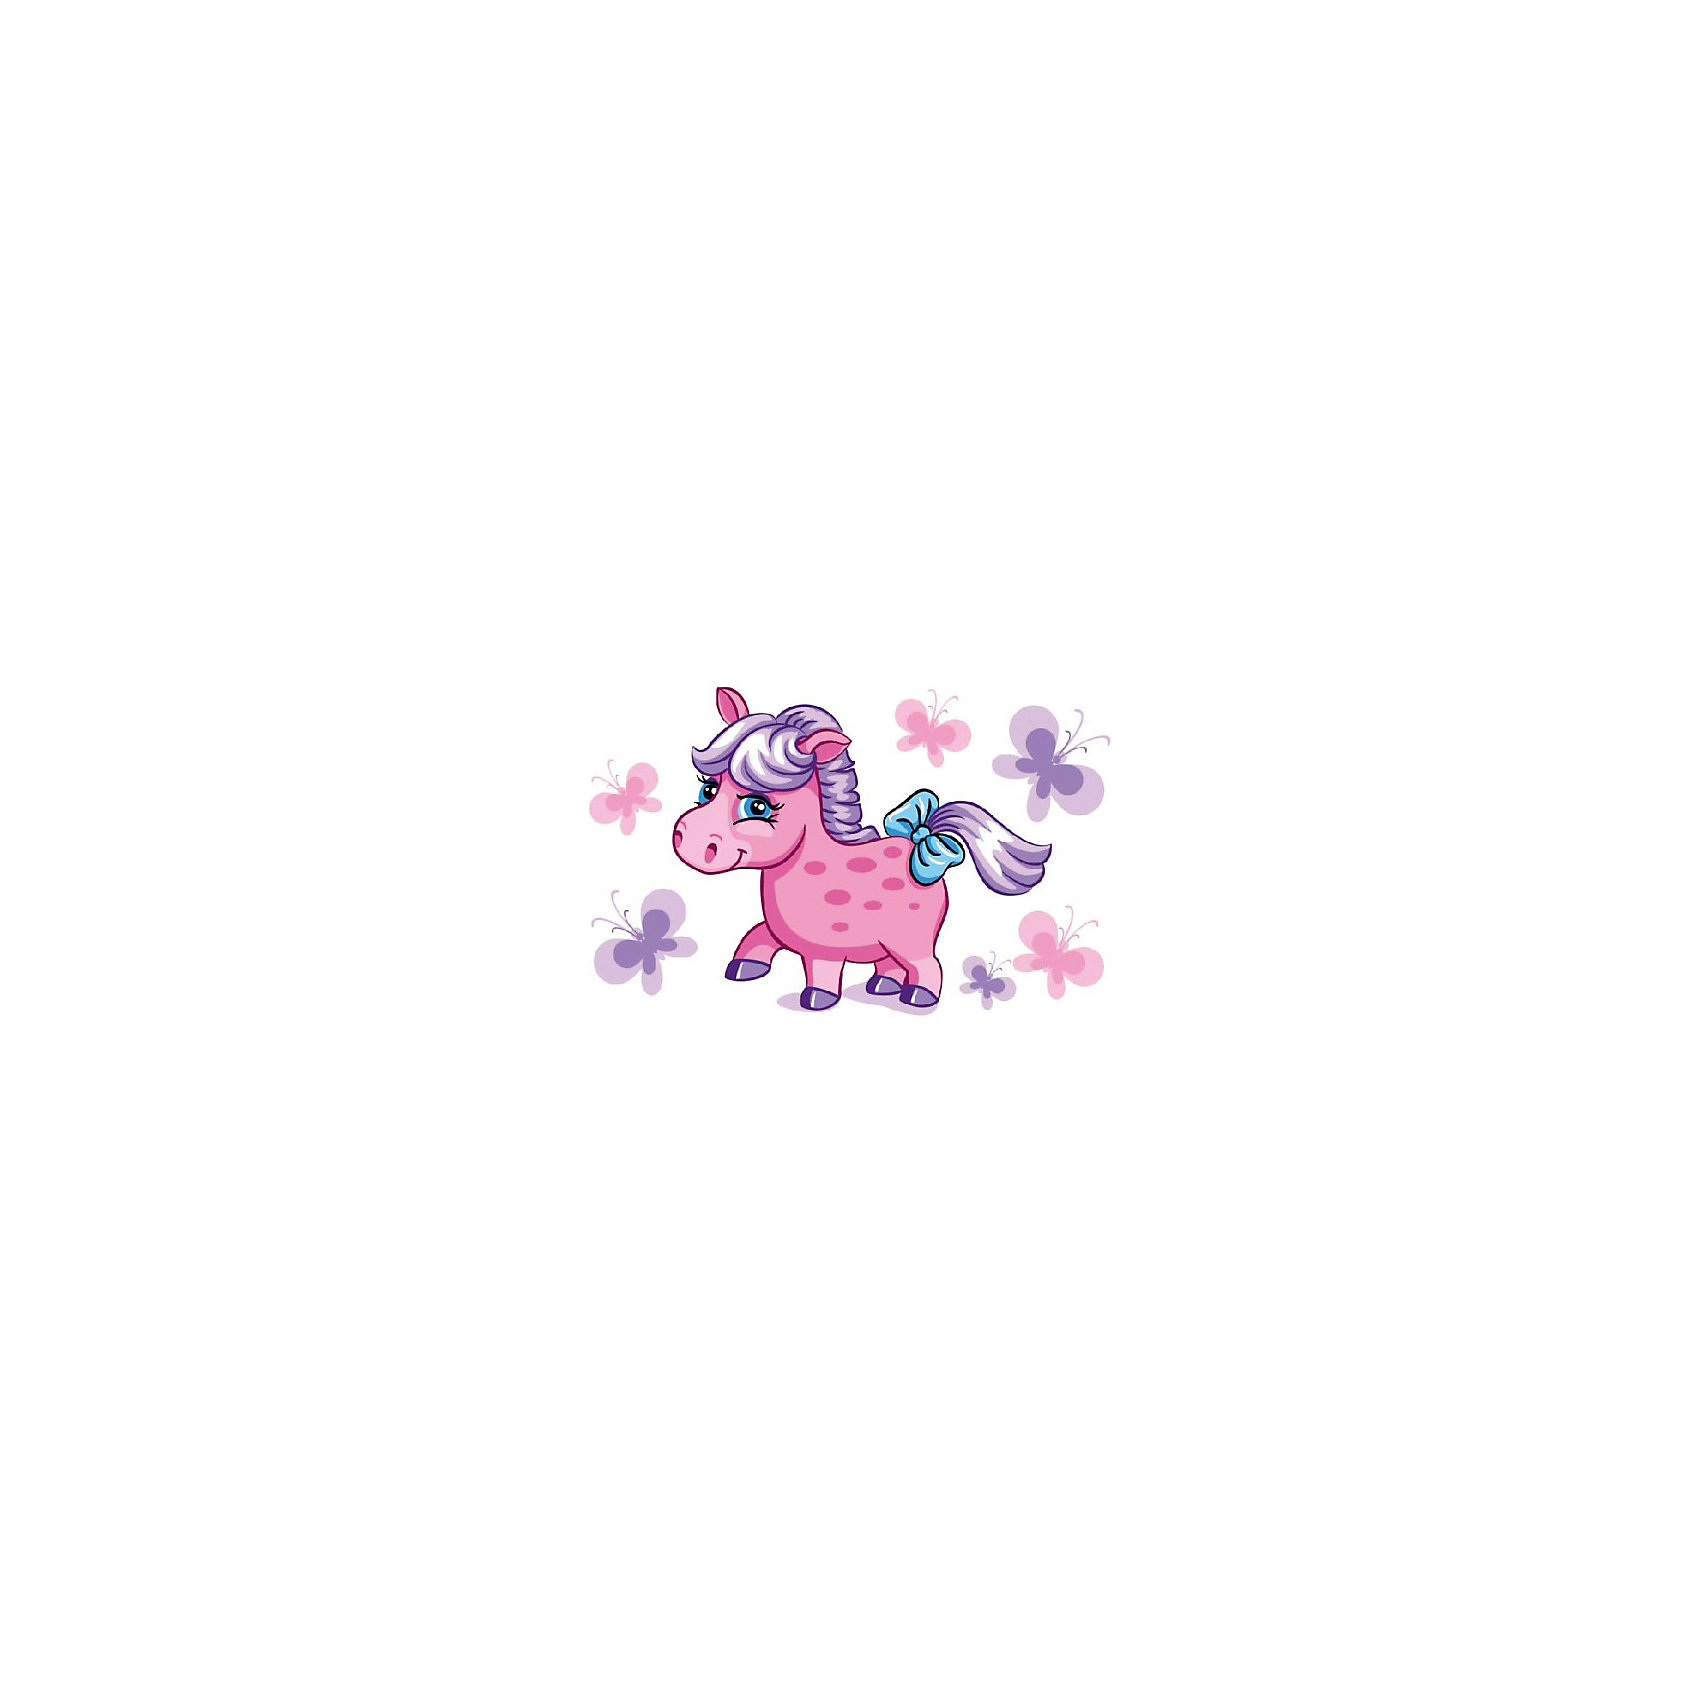 Набор юного художника Пони Сюзанна, 20*30 смДетские картины с раскраской по номерам размером 20*30. На деревянном подрамнике, с прогрунтованным холстом и  нанесенными контурами картины, с указанием цвета закраски, акриловыми красками, 3 кисточками и креплением на стену. Уровень сложности, количество красок указаны на коробке.<br><br>Ширина мм: 300<br>Глубина мм: 200<br>Высота мм: 30<br>Вес г: 330<br>Возраст от месяцев: 60<br>Возраст до месяцев: 108<br>Пол: Унисекс<br>Возраст: Детский<br>SKU: 5417654